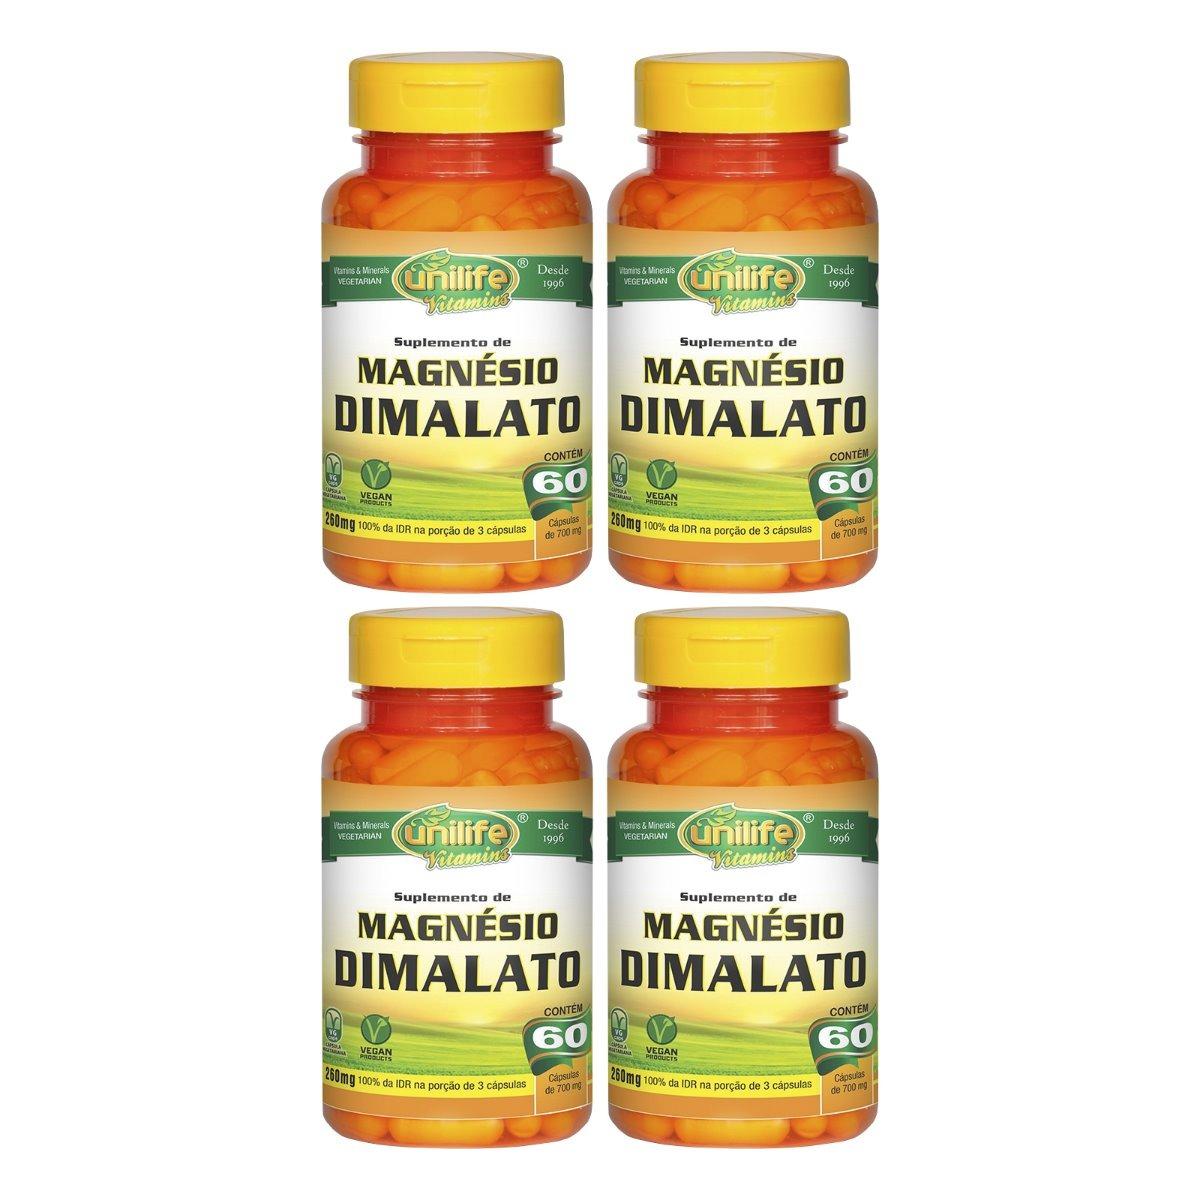 Magnésio Dimalato 60 Cápsulas Unilife Kit 4 Unidades